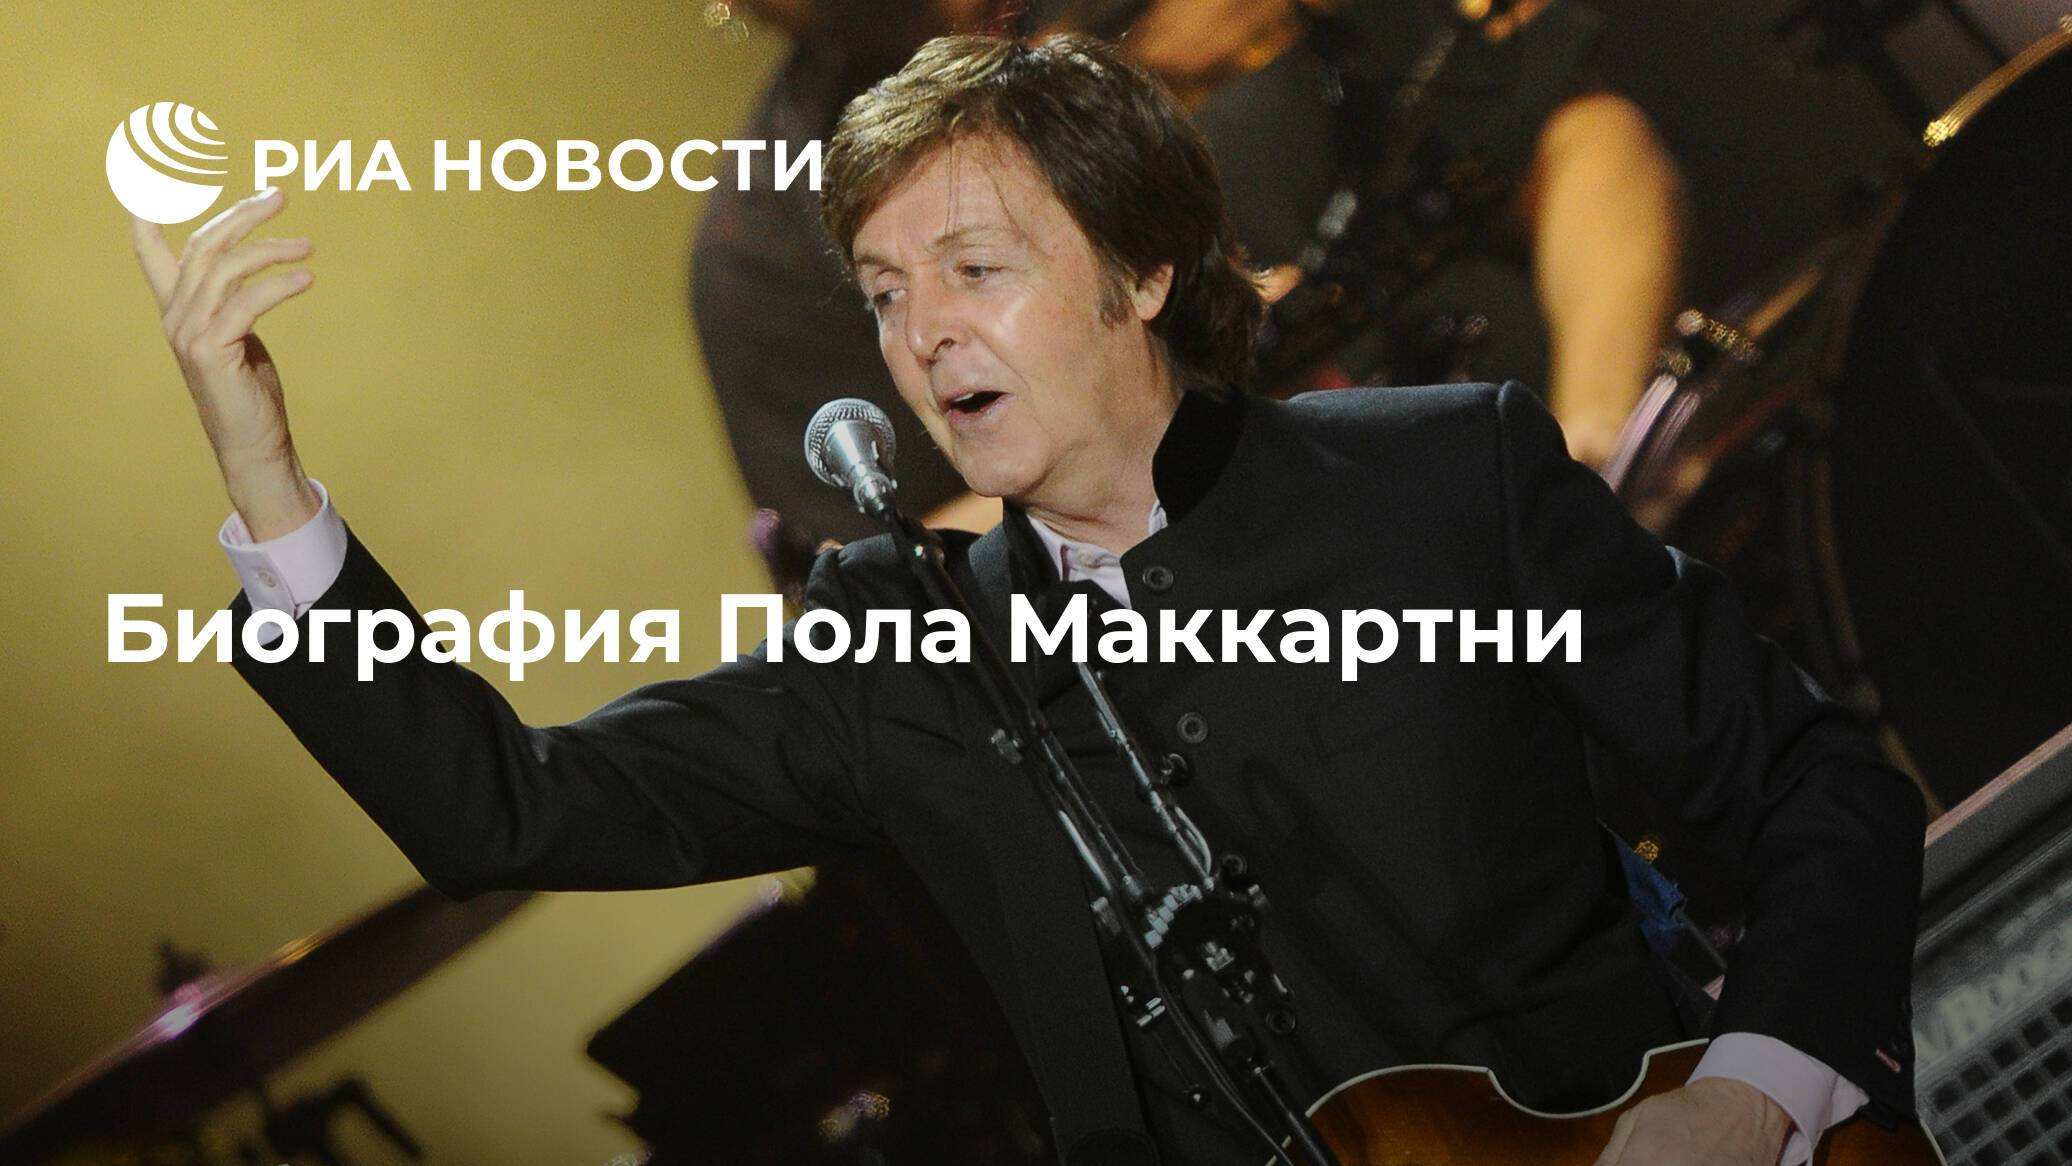 """Филип норман """"пол маккартн. биография"""", биографии и мемуары"""